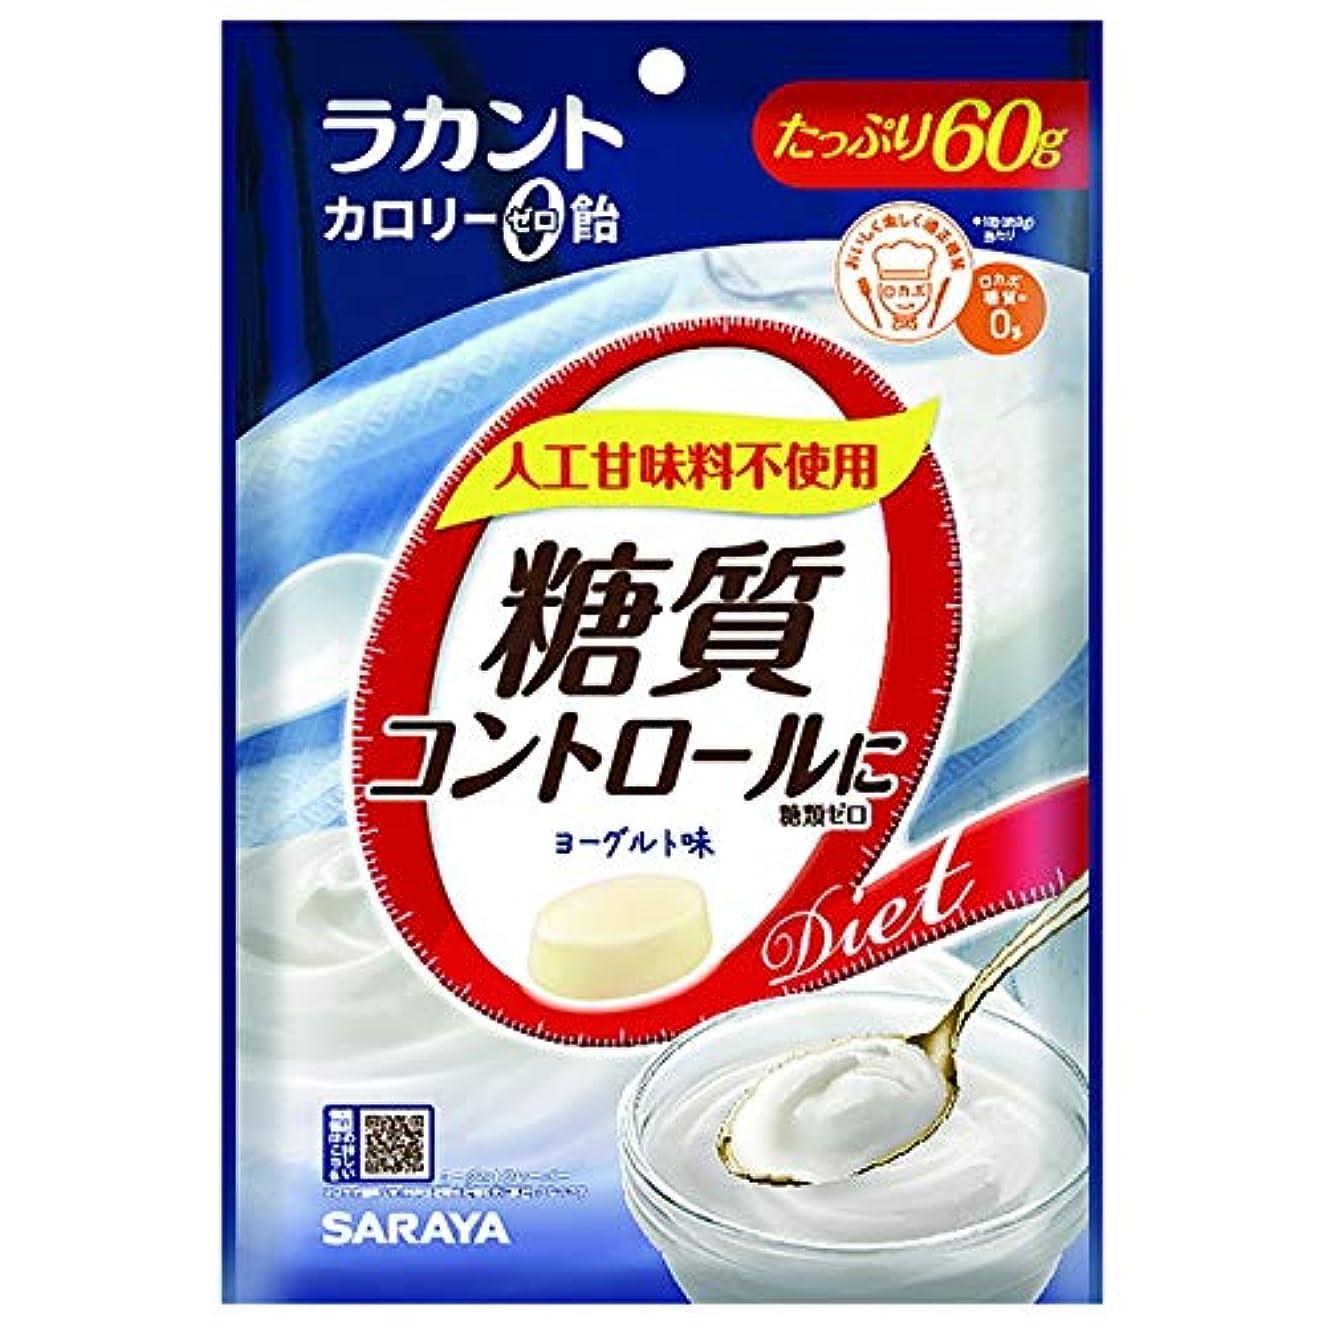 平日ヤギ季節ラカント カロリーゼロ飴 ヨーグルト 60g【3個セット】